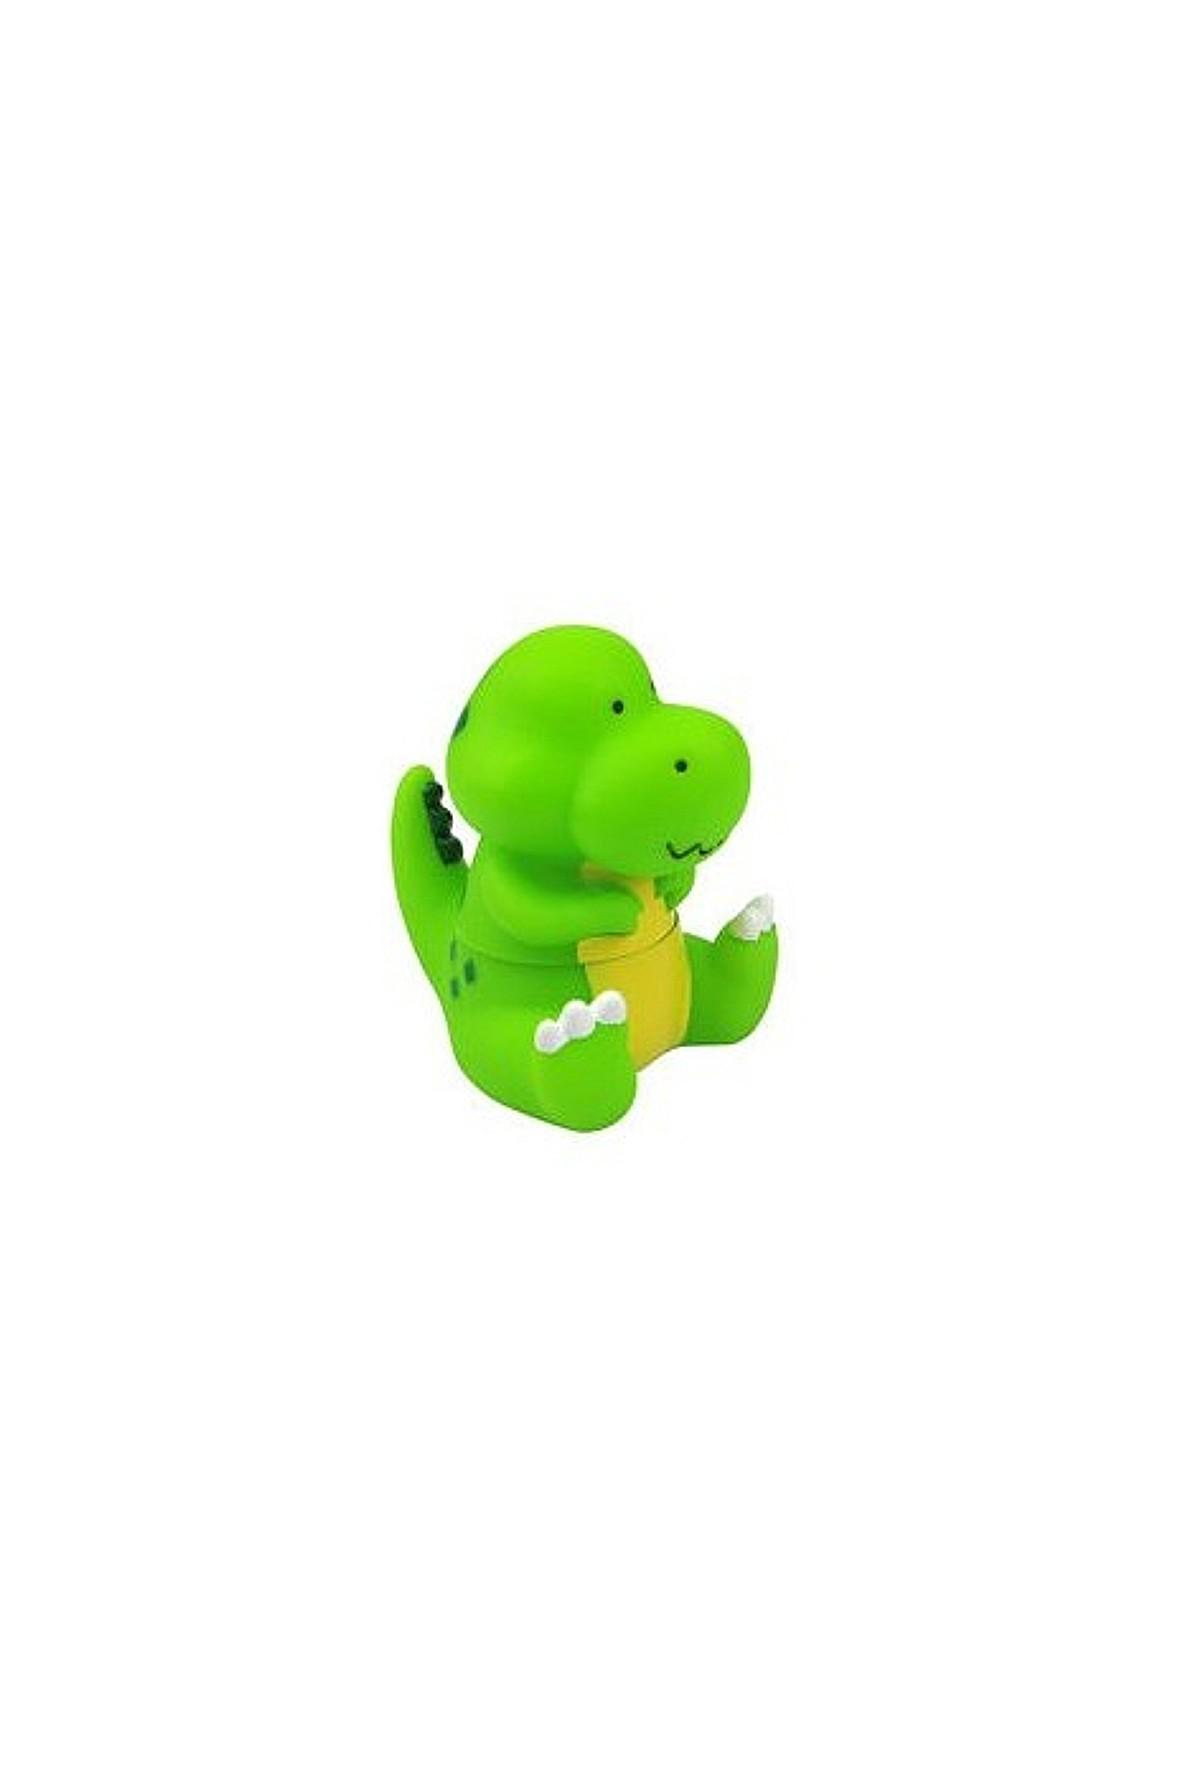 Klocki Popboblocs - Dinozaur zielony